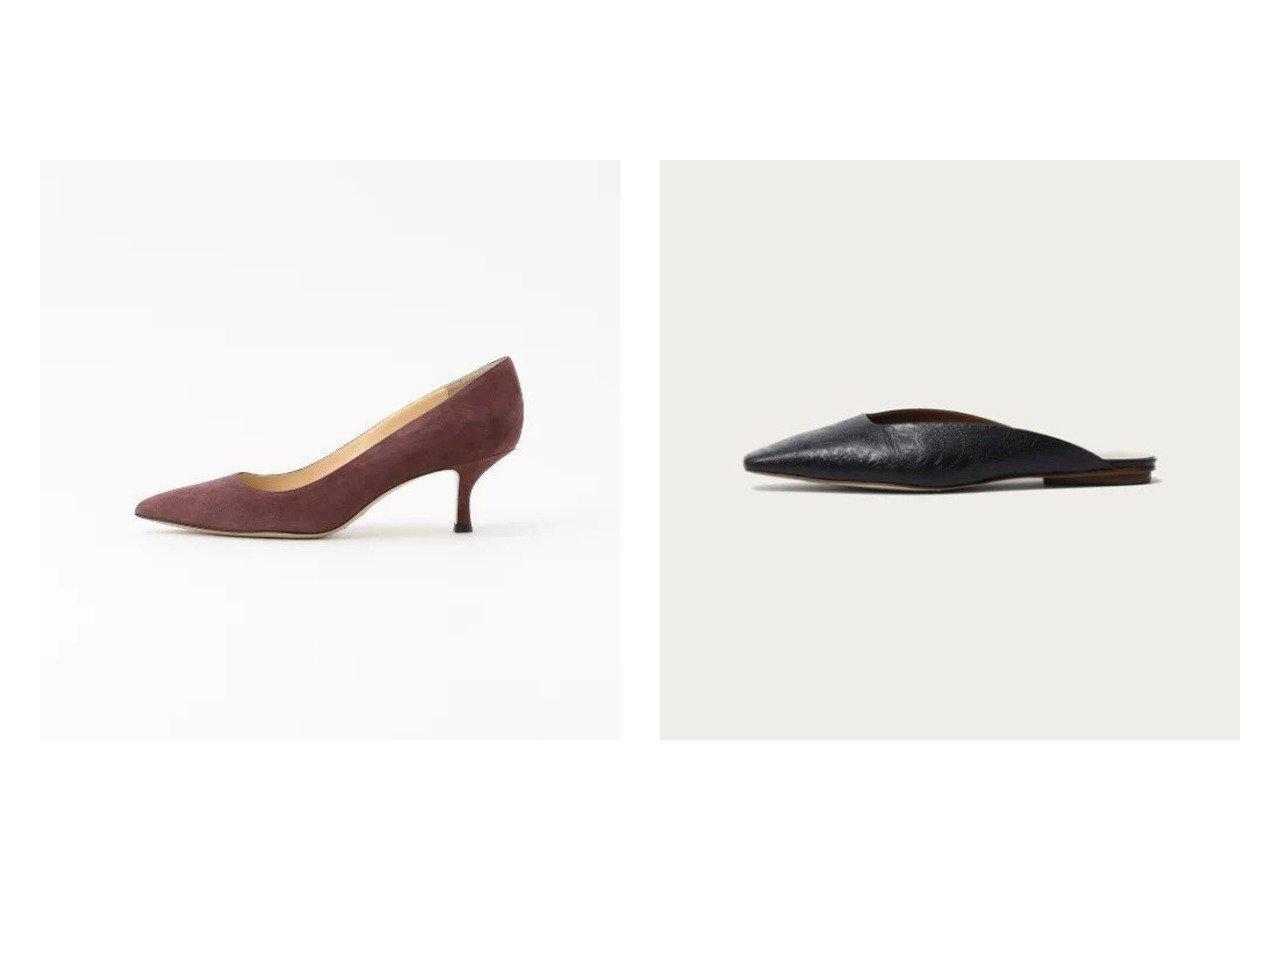 【EPOCA THE SHOP/エポカ ザ ショップ】の【FABIO RUSCONI】カラーパンプス&【Odette e Odile/オデット エ オディール】のOFD スクエアミュール FLT10 【シューズ・靴】おすすめ!人気、トレンド・レディースファッションの通販 おすすめで人気の流行・トレンド、ファッションの通販商品 メンズファッション・キッズファッション・インテリア・家具・レディースファッション・服の通販 founy(ファニー) https://founy.com/ ファッション Fashion レディースファッション WOMEN シューズ スクエア フラット ペイズリー おすすめ Recommend イタリア シンプル フォルム 秋 Autumn/Fall |ID:crp329100000031449